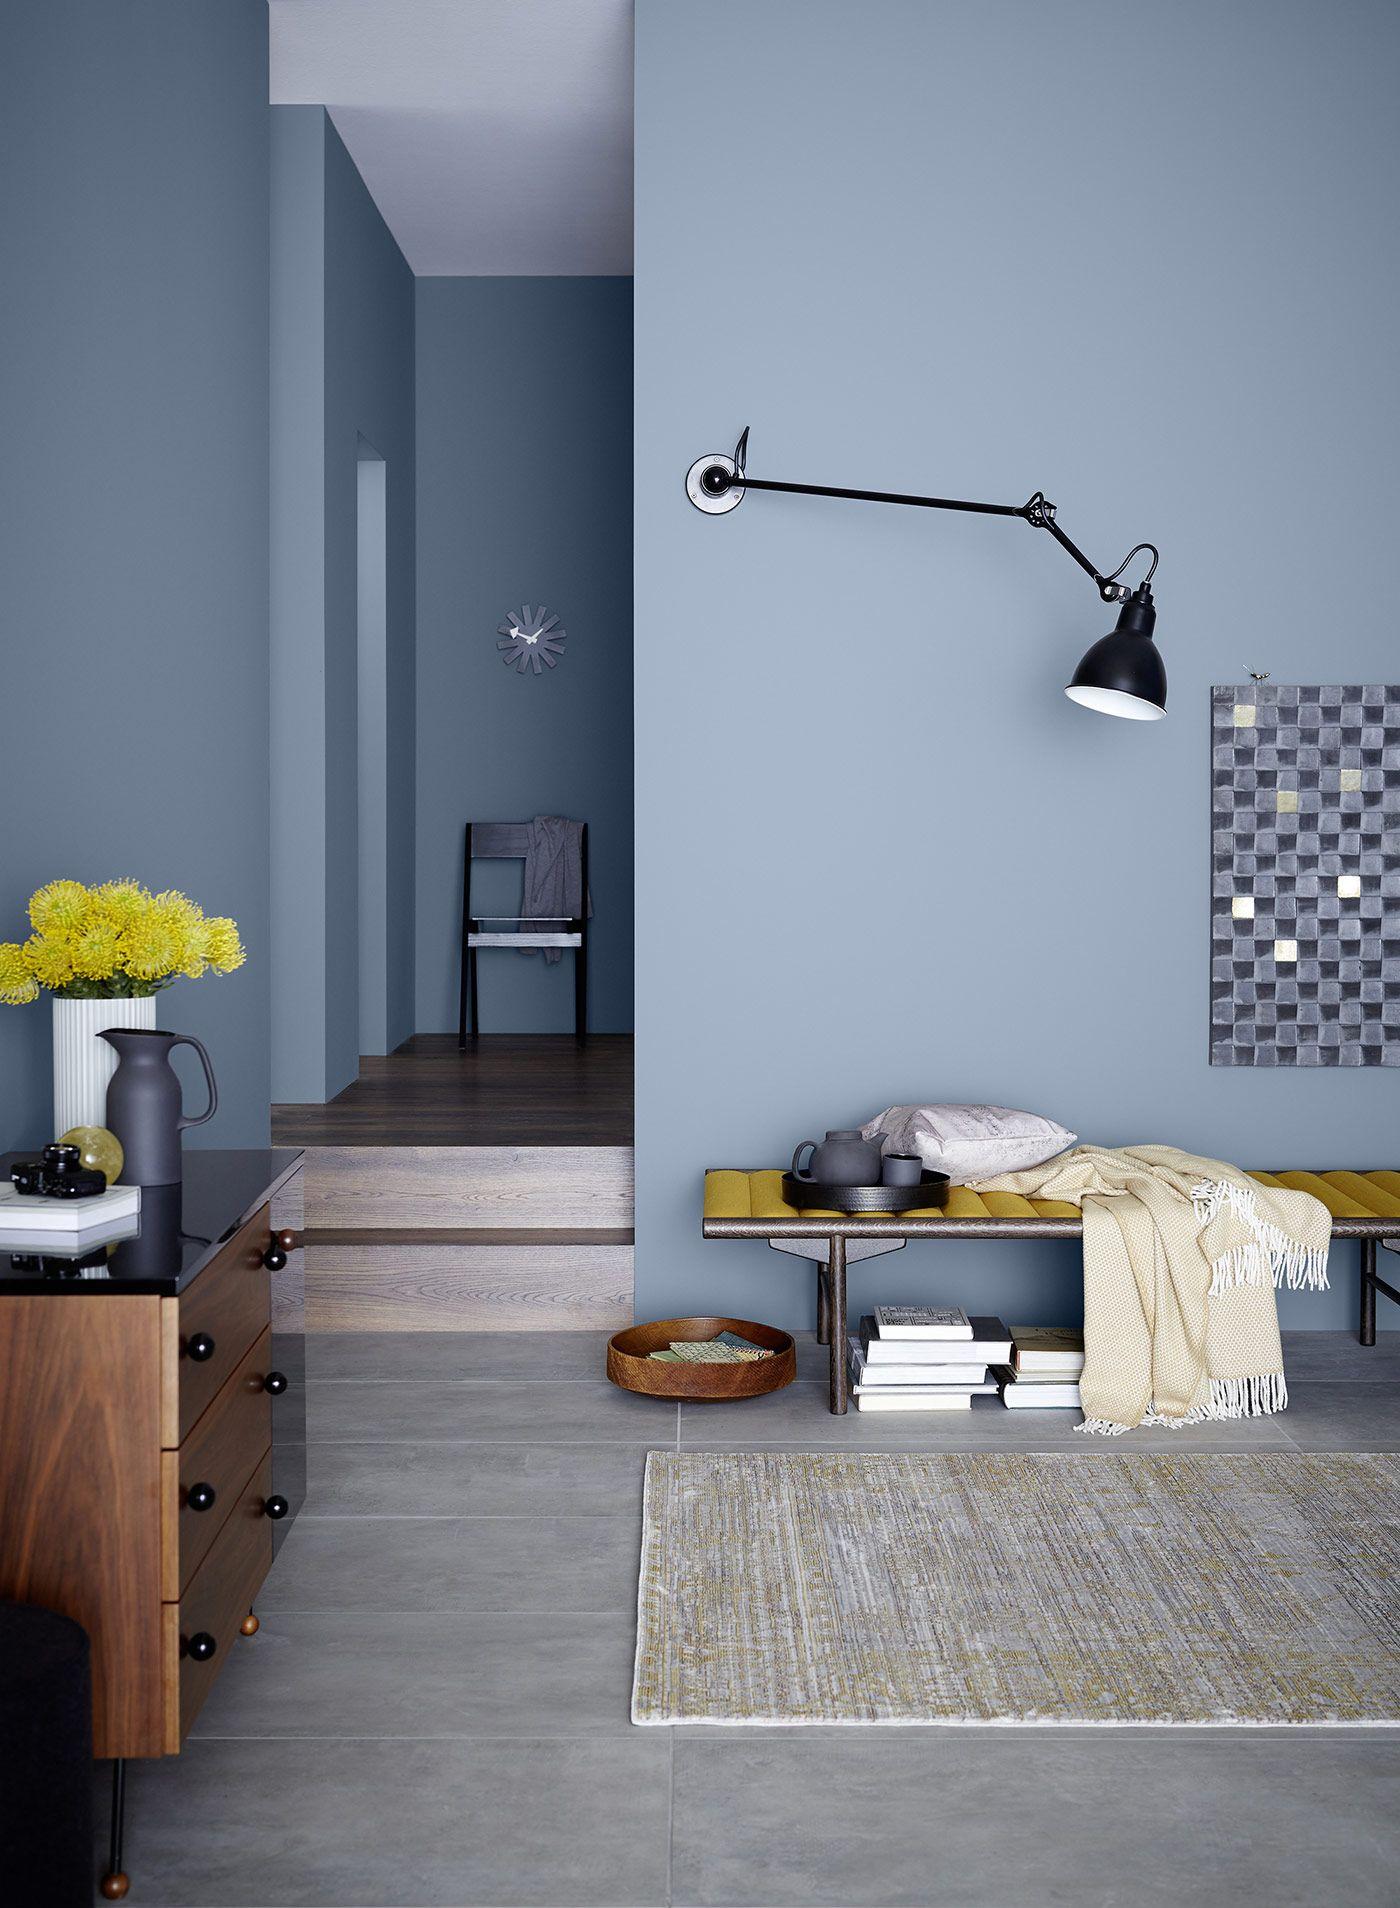 das blitzende meer von kapstadt vor augen die sonne am hohen himmel das unvergleichliche. Black Bedroom Furniture Sets. Home Design Ideas